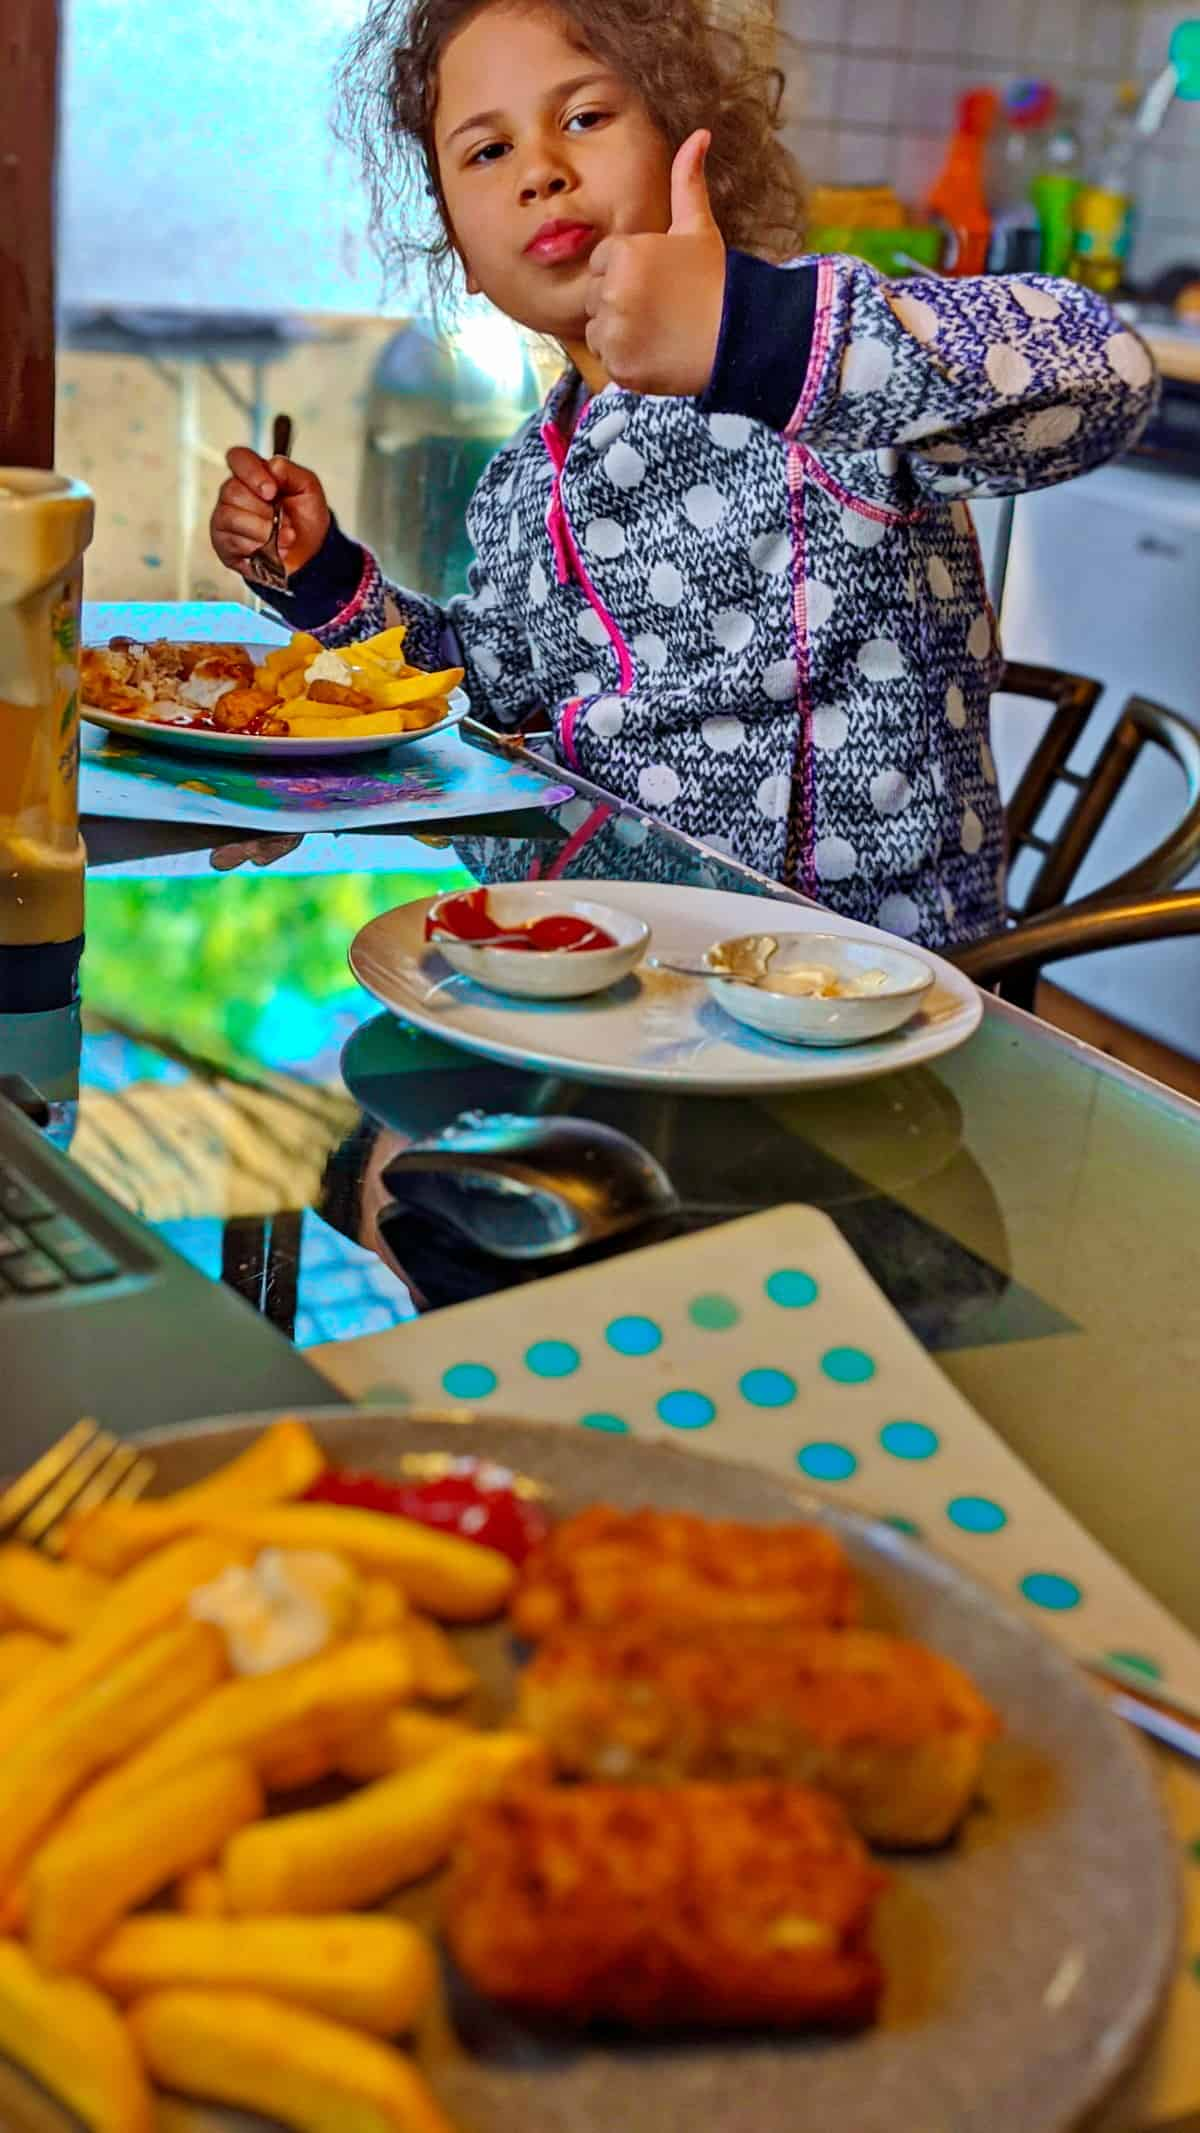 Ein Kind, das selbstgemachte Fischstäbchen mit Pommes isst. Im Vordergrund ein Teller mit selbstgemachten Fischstäbchen und Pommes.